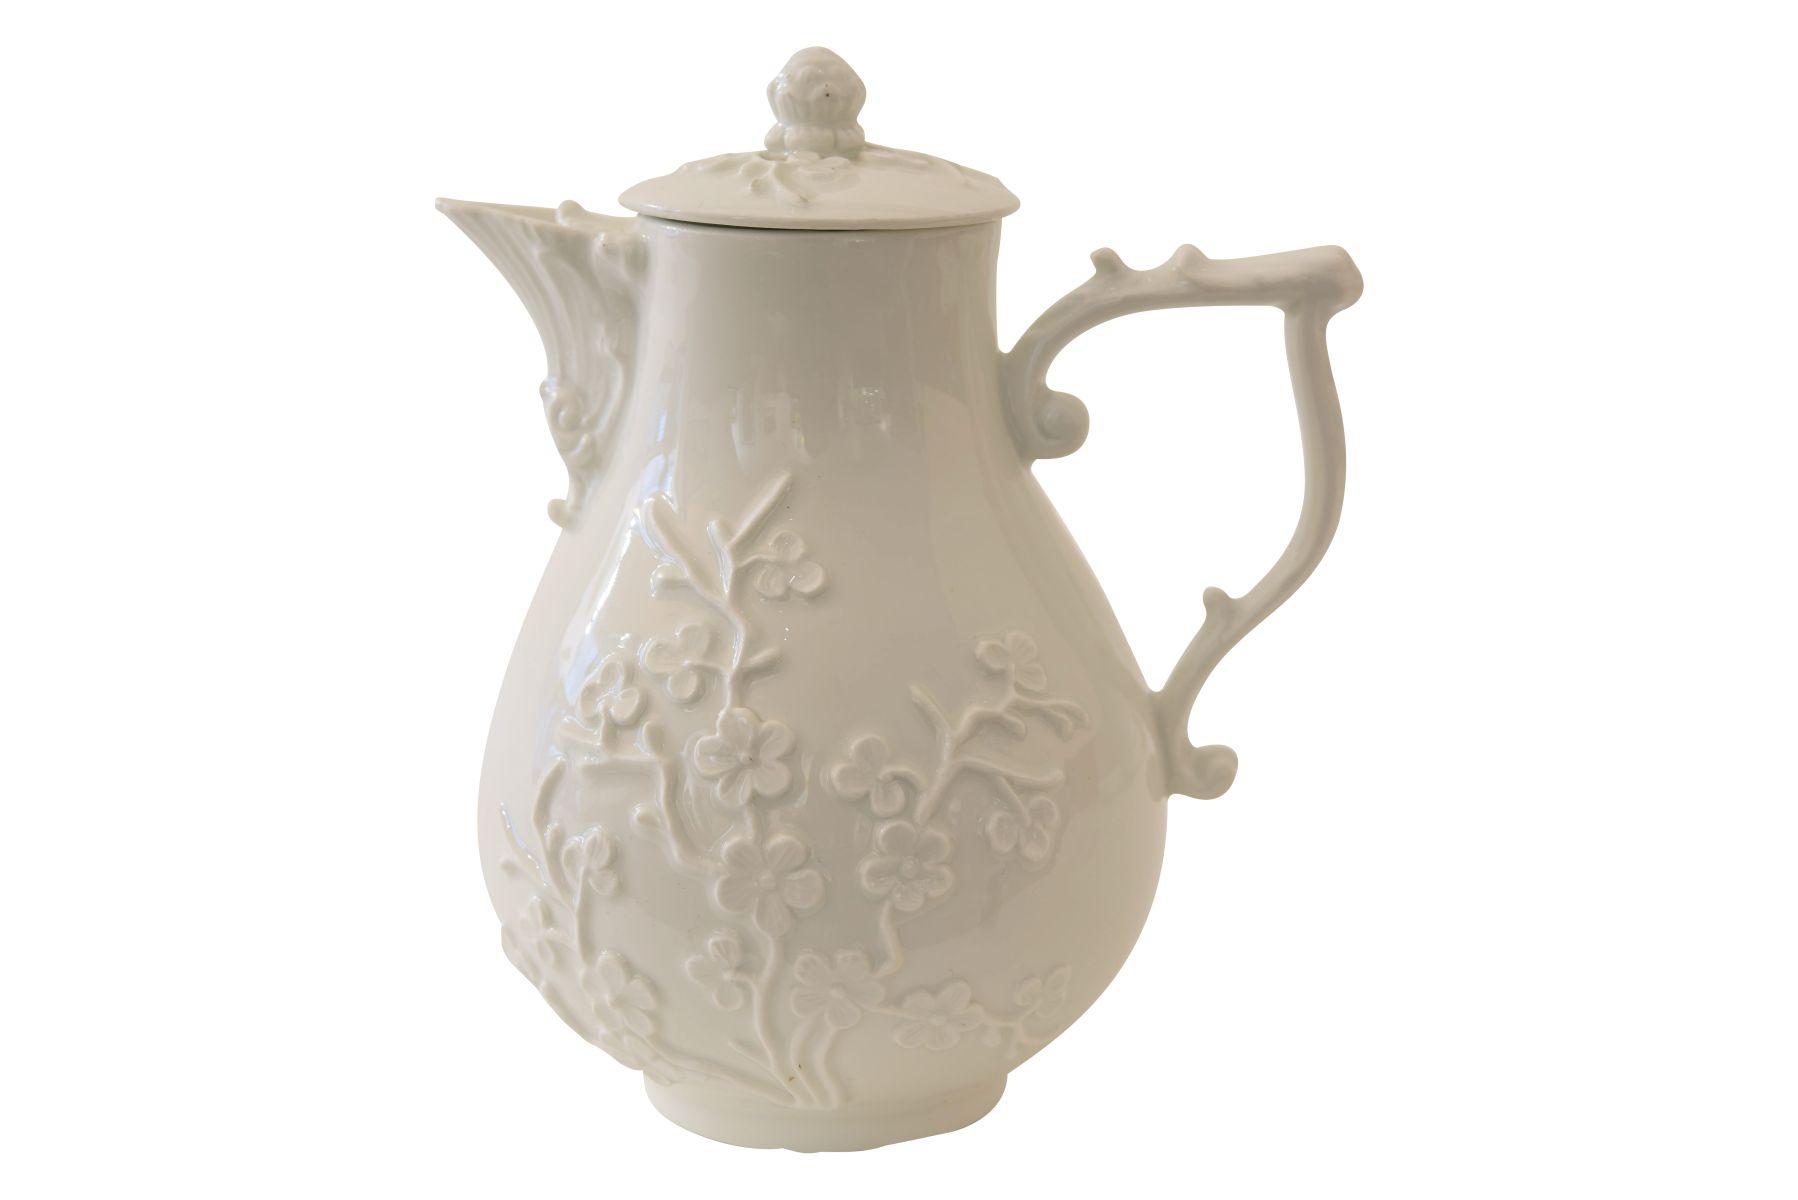 25 teiliges Kaffee- und Teeservice Meissen 18. Jahrhundert - Bild 12 aus 16